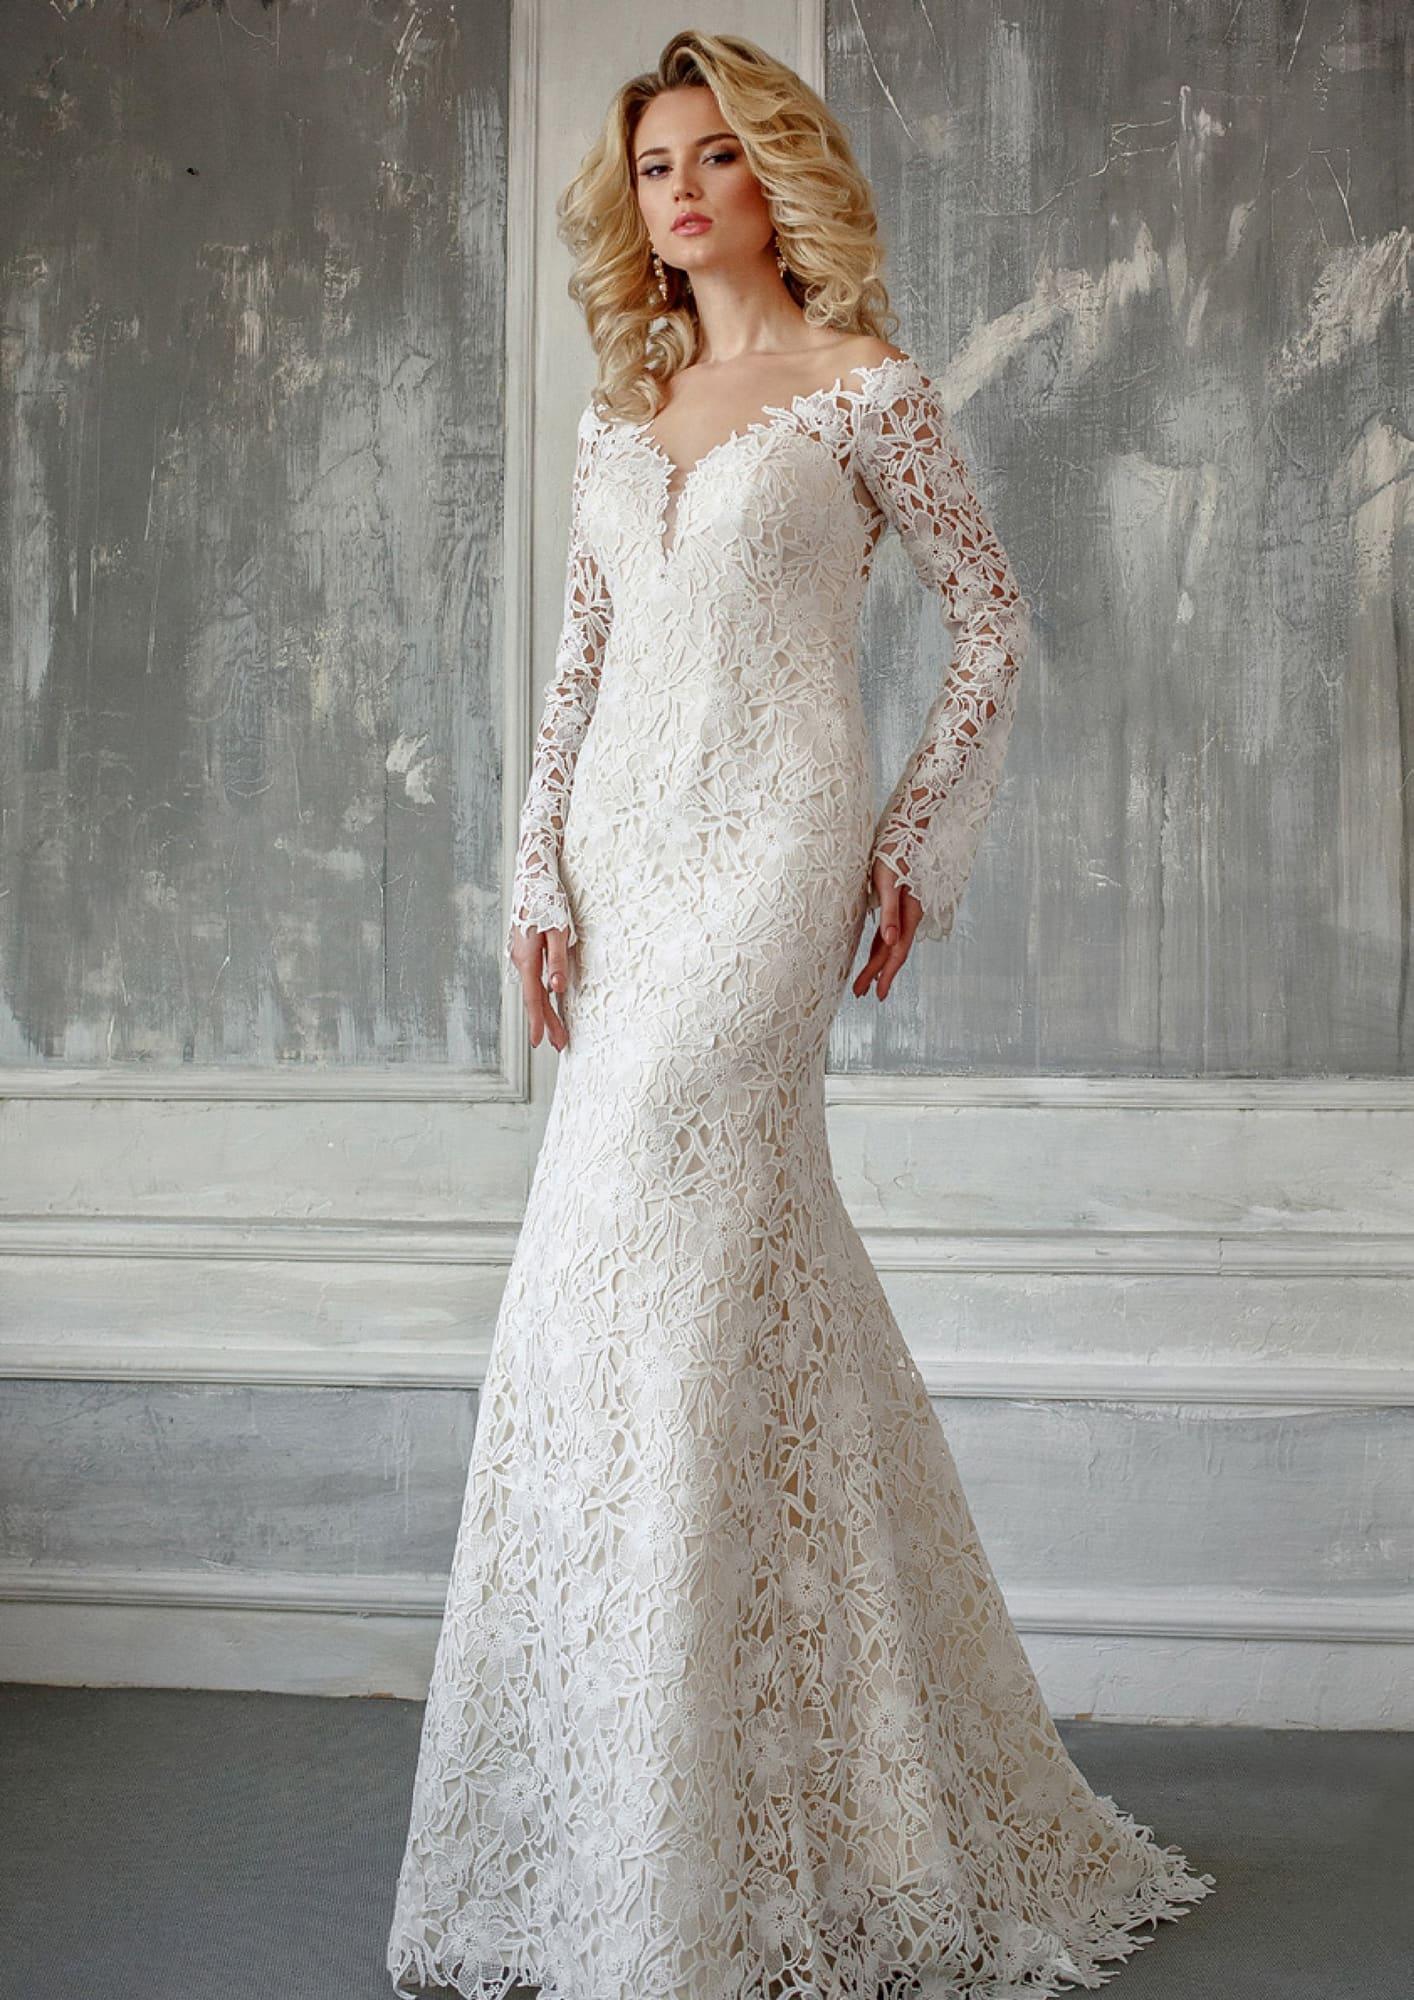 a0ffbf1246c Свадебное платье Queen Лия ▷ Свадебный Торговый Центр Вега в Москве